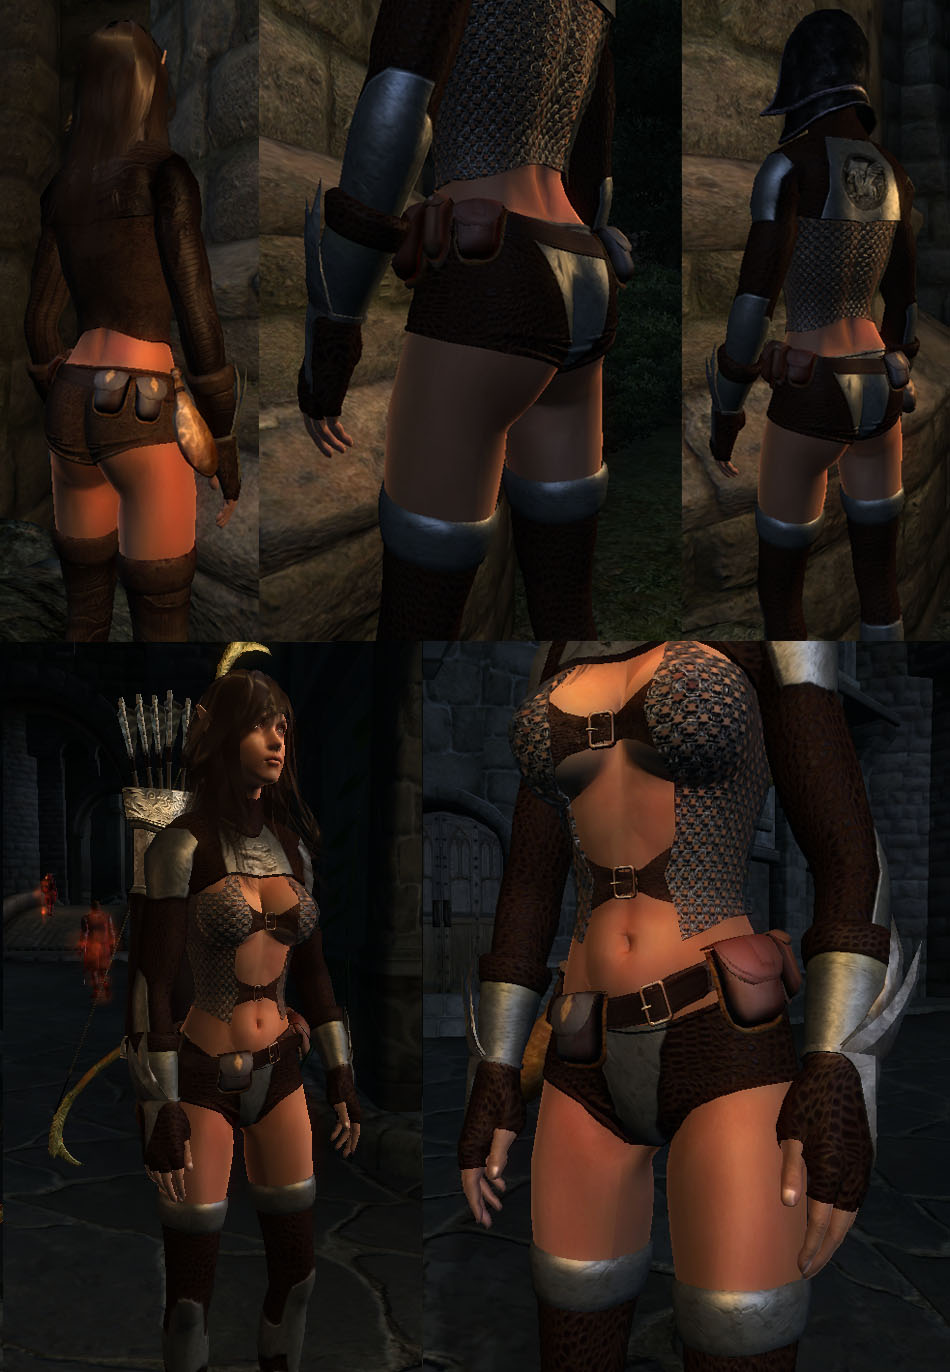 Nude mod oblivion adult pics 30